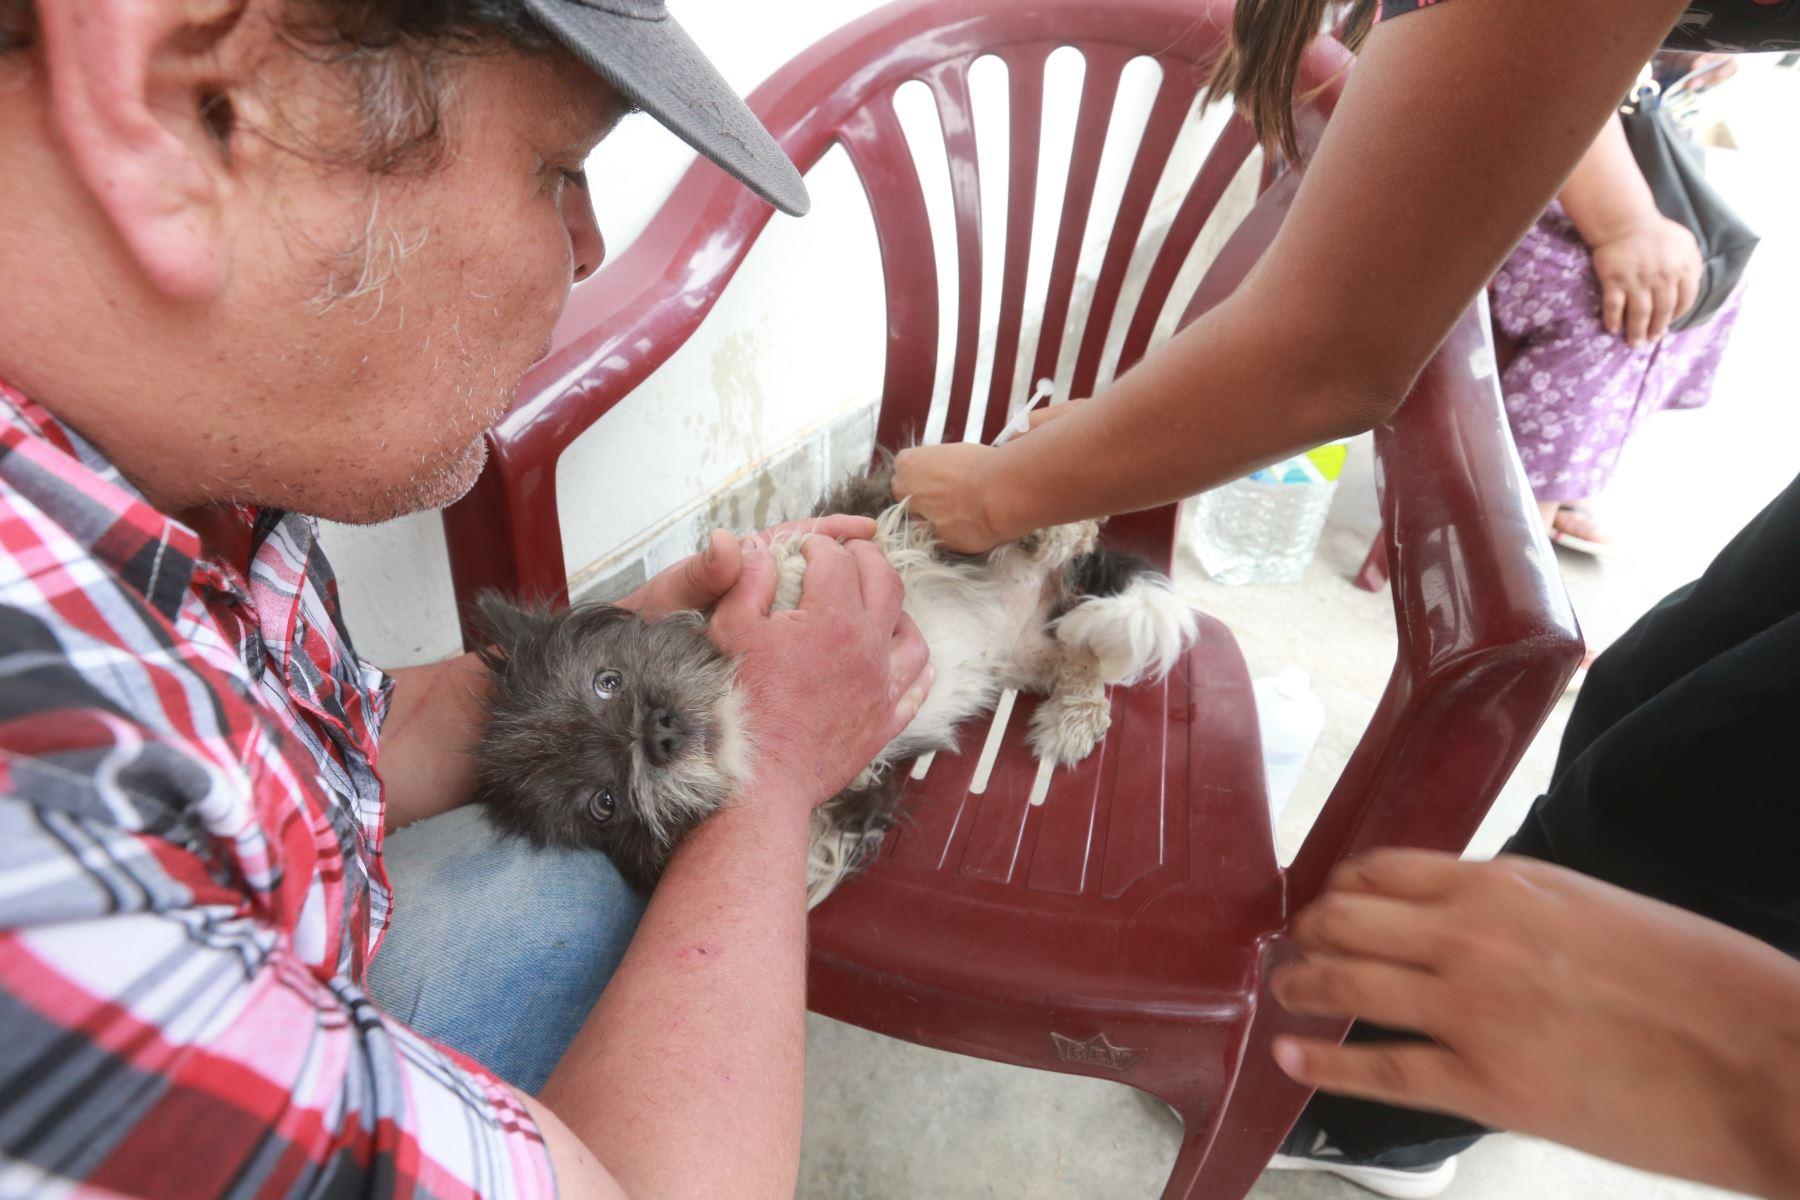 Veterinarios curan mascotas afectados por la deflagración e incendio  en Villa el Salvador. Foto: ANDINA/Jhony Laurente